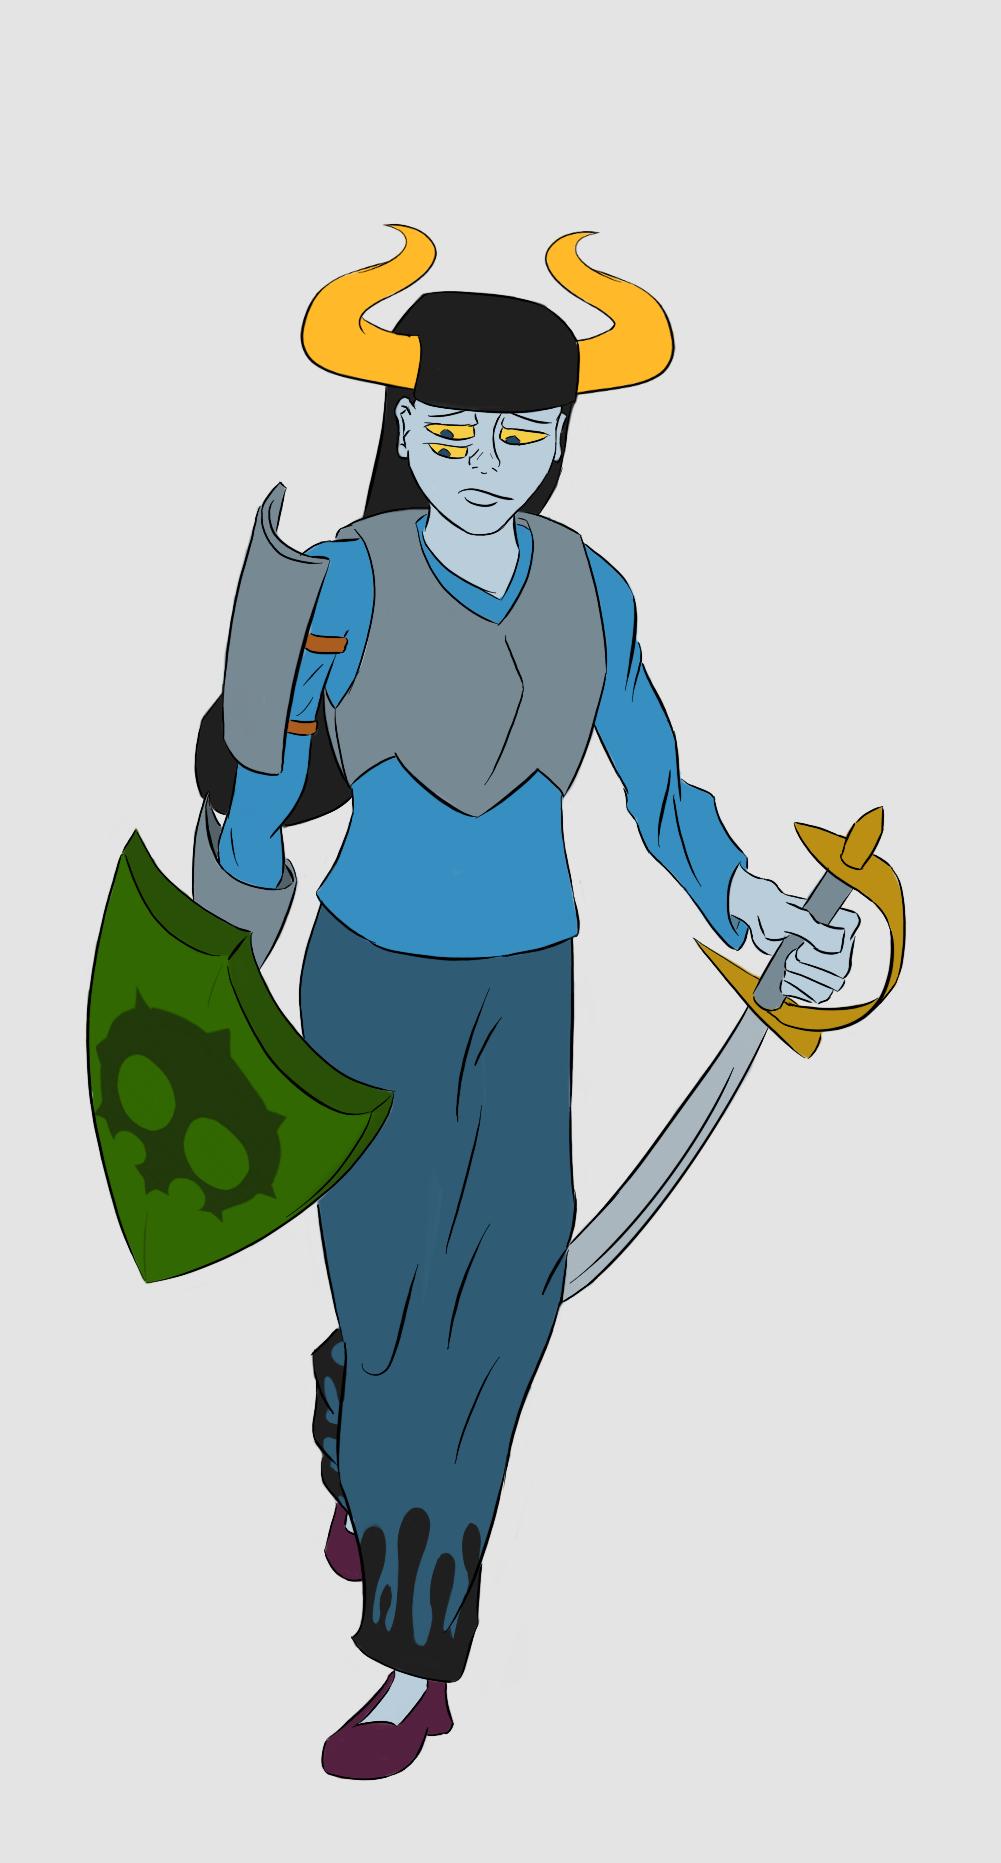 ardata_carmia doom_aspect fantasystuck hiveswap knight non_canon_design solo thatlldoodles